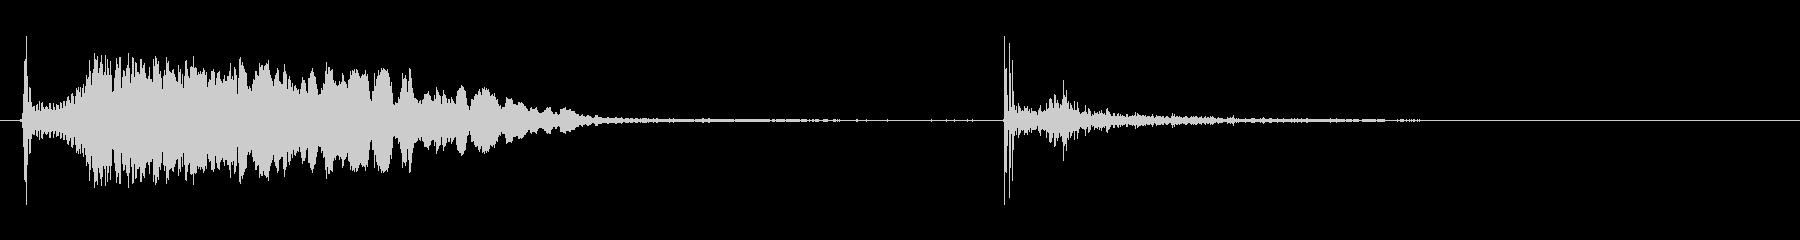 シングルボトルロケット:ホイッスル...の未再生の波形